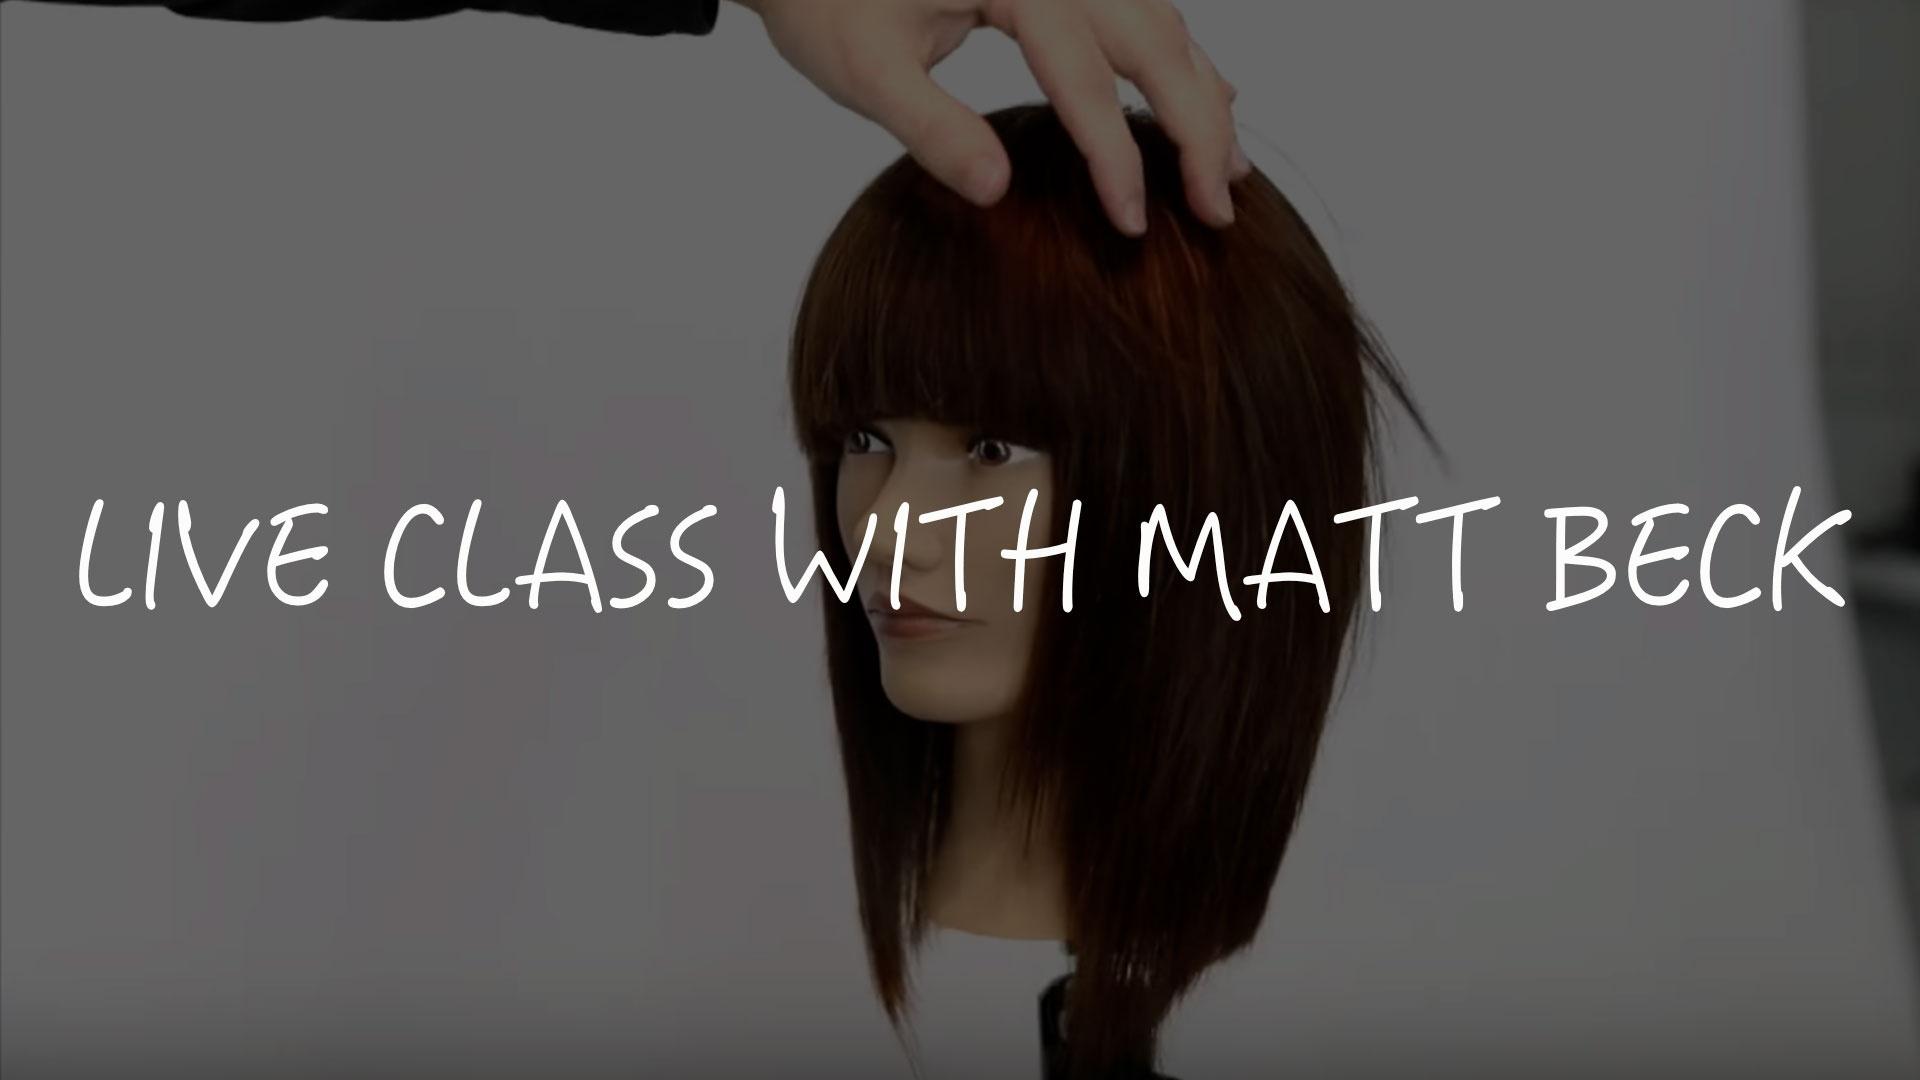 Lp6rbyfkt9azctjmcail live cutting class with matt beck